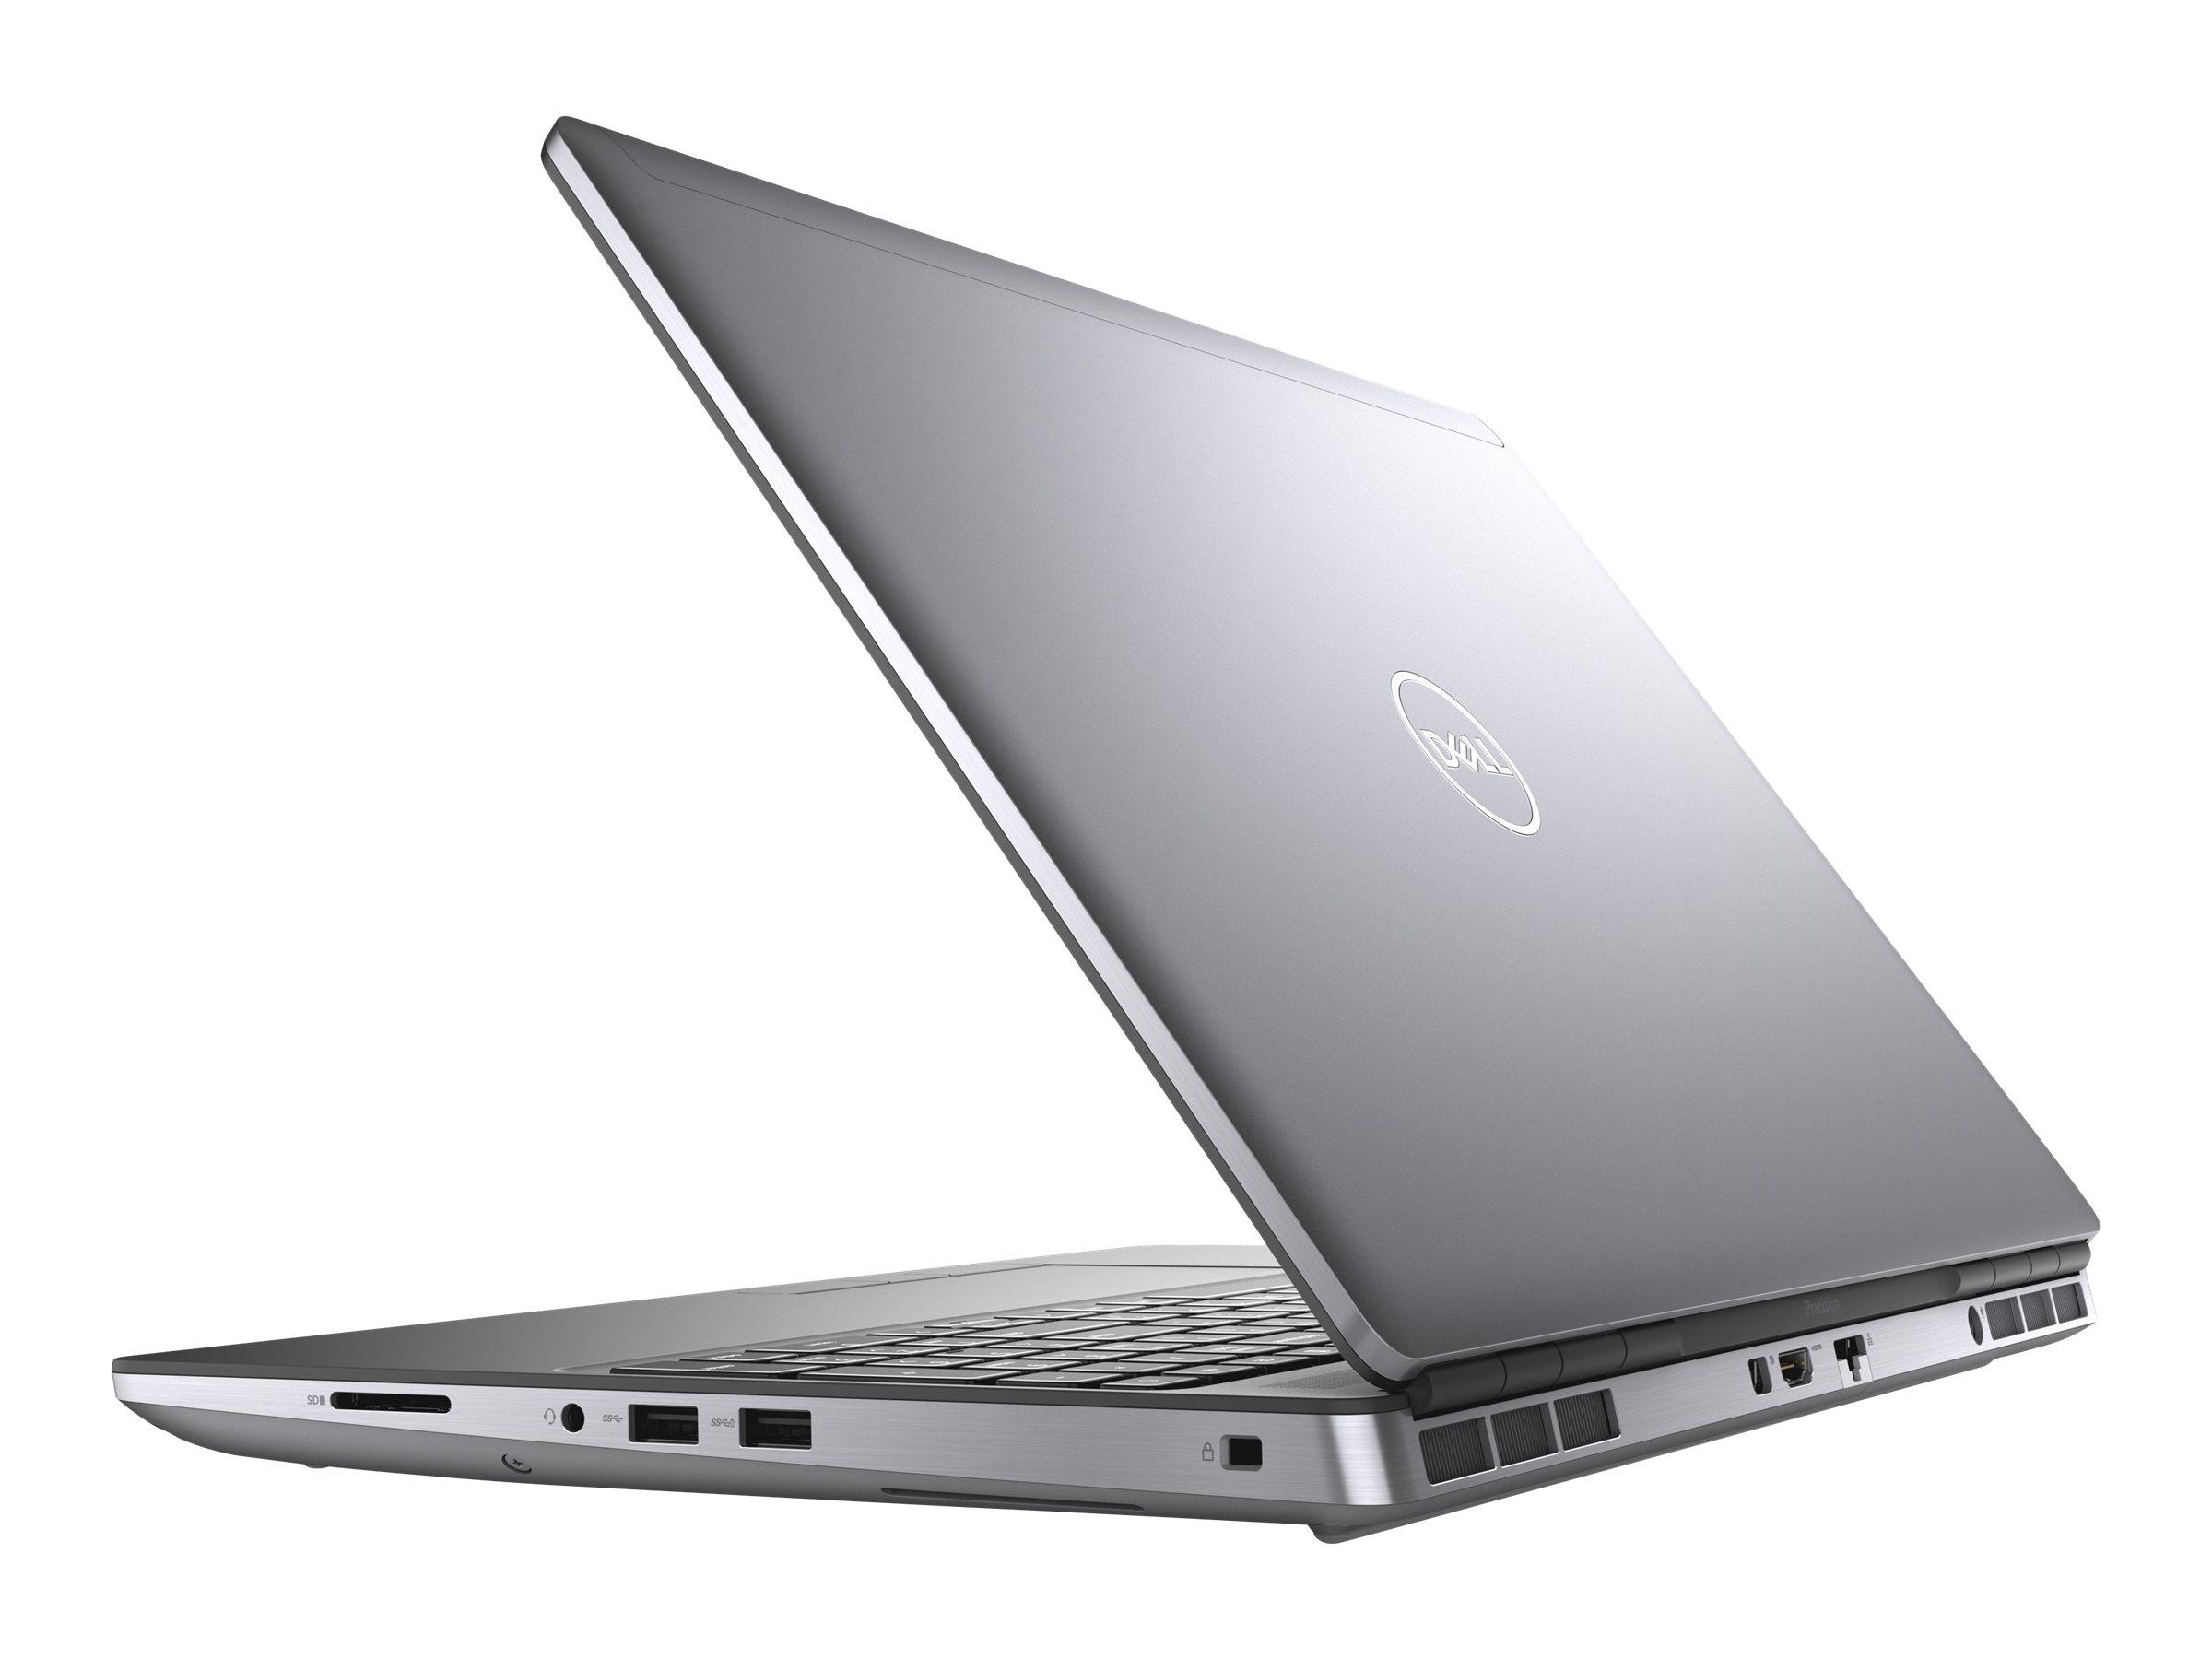 Dell Precision Mobile Workstation 7550 - 15.6